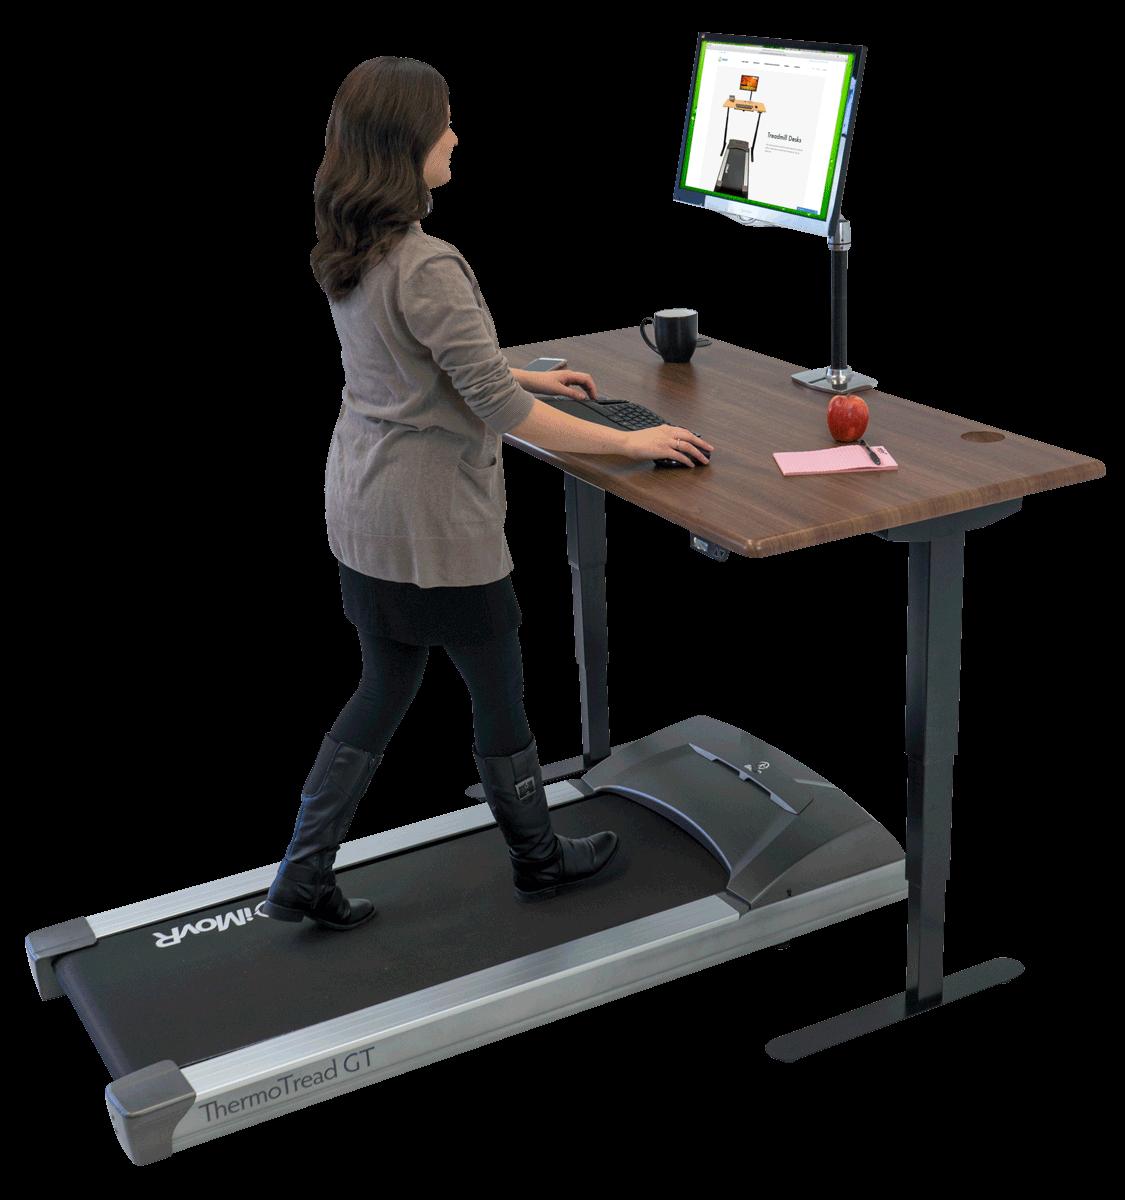 Buy the Best Treadmill Desks & Under Desk Treadmills - iMovR